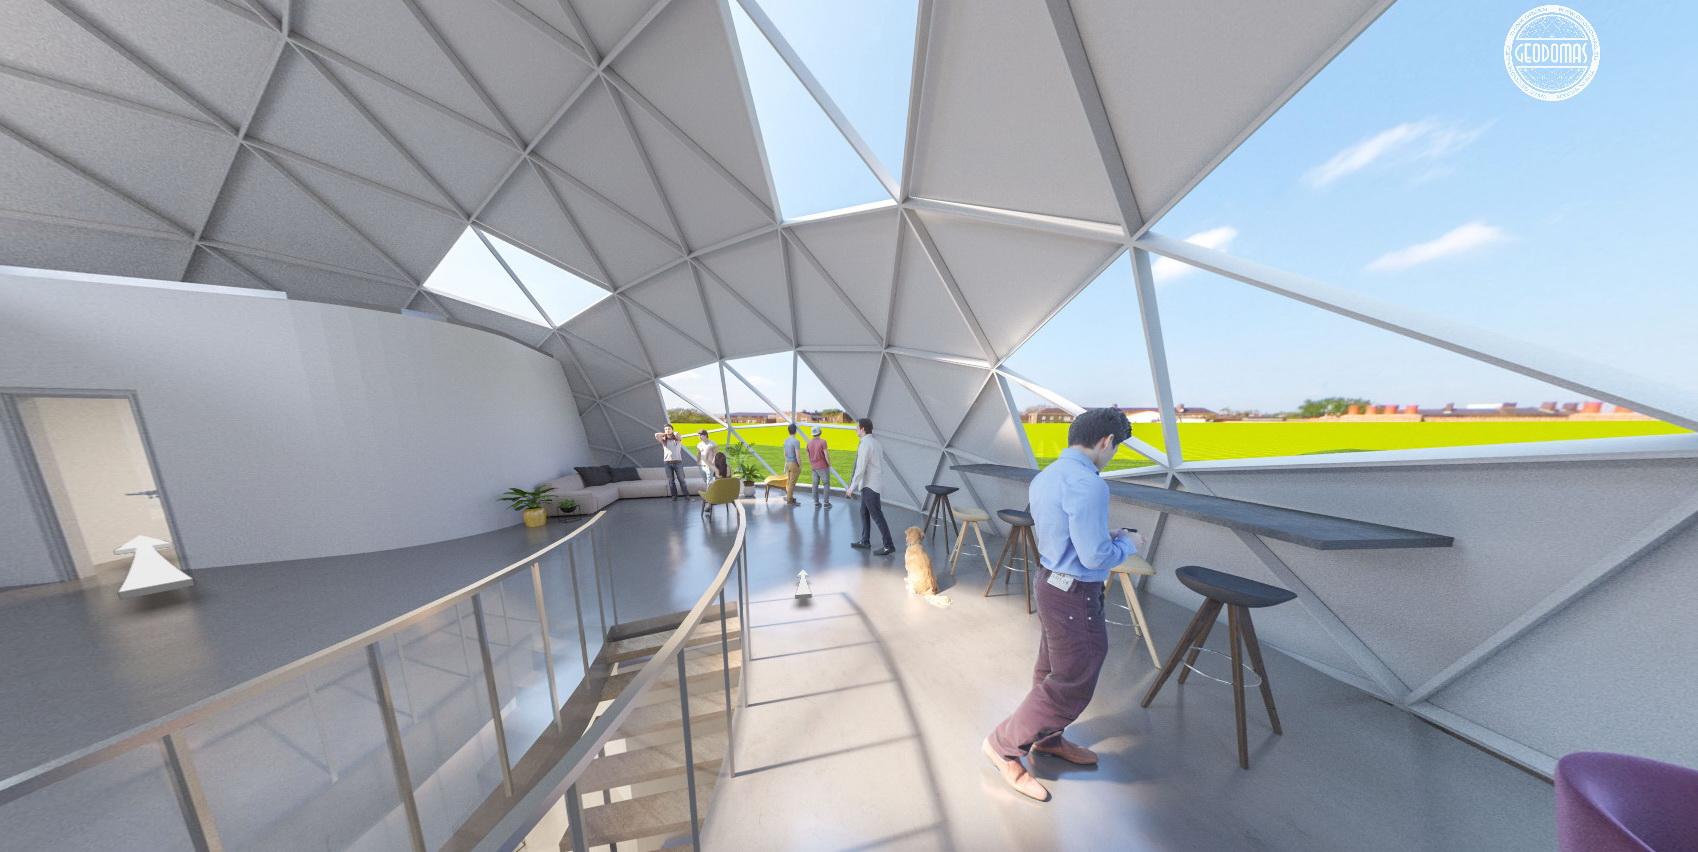 470m2+Loft Office building | Ø20m H10m F6 Dome | Vilnius